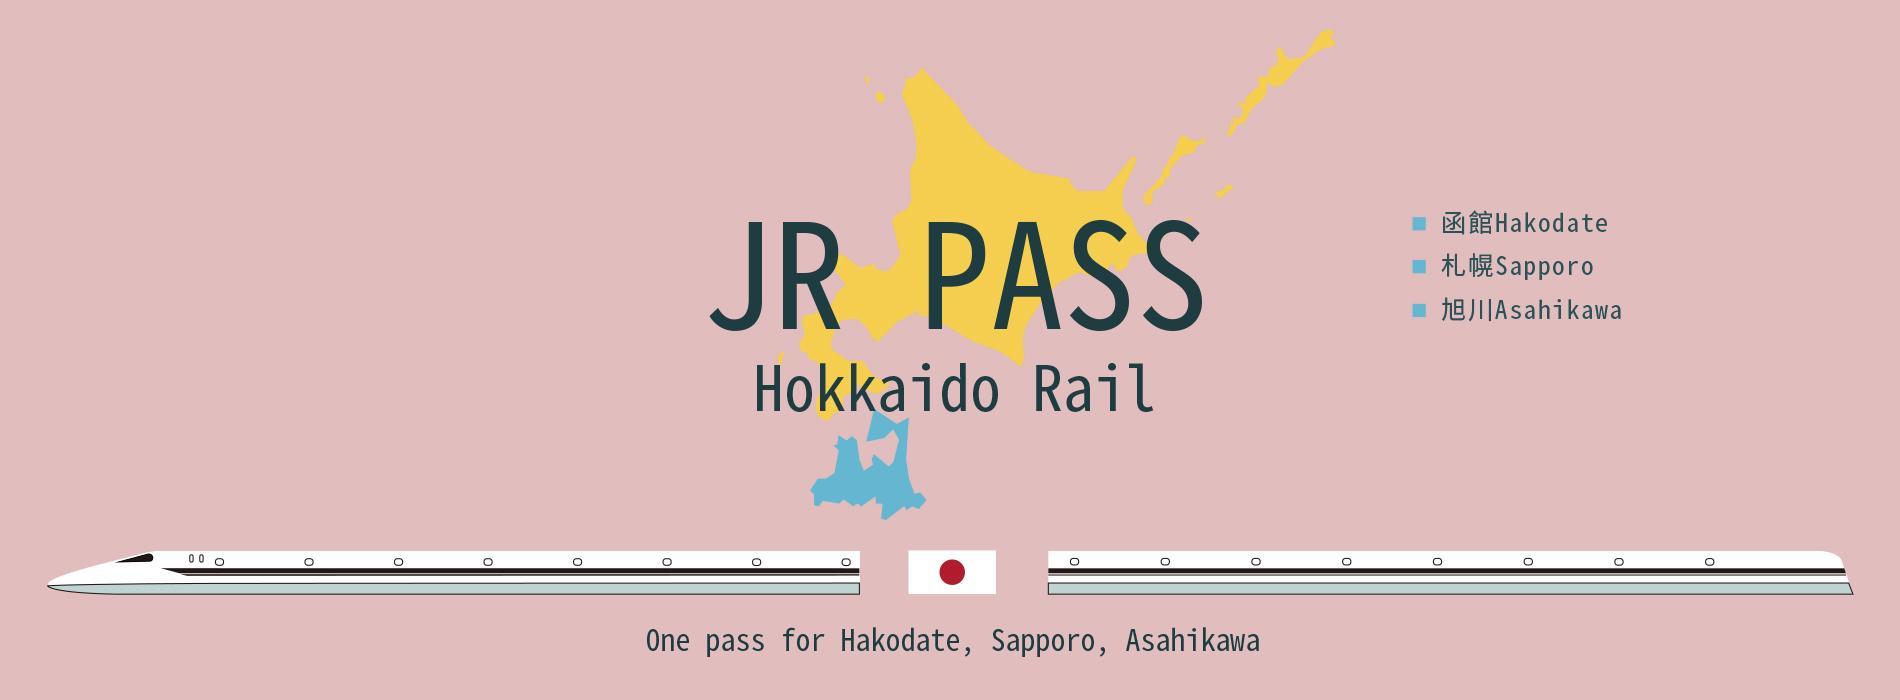 jr pass hokkaido